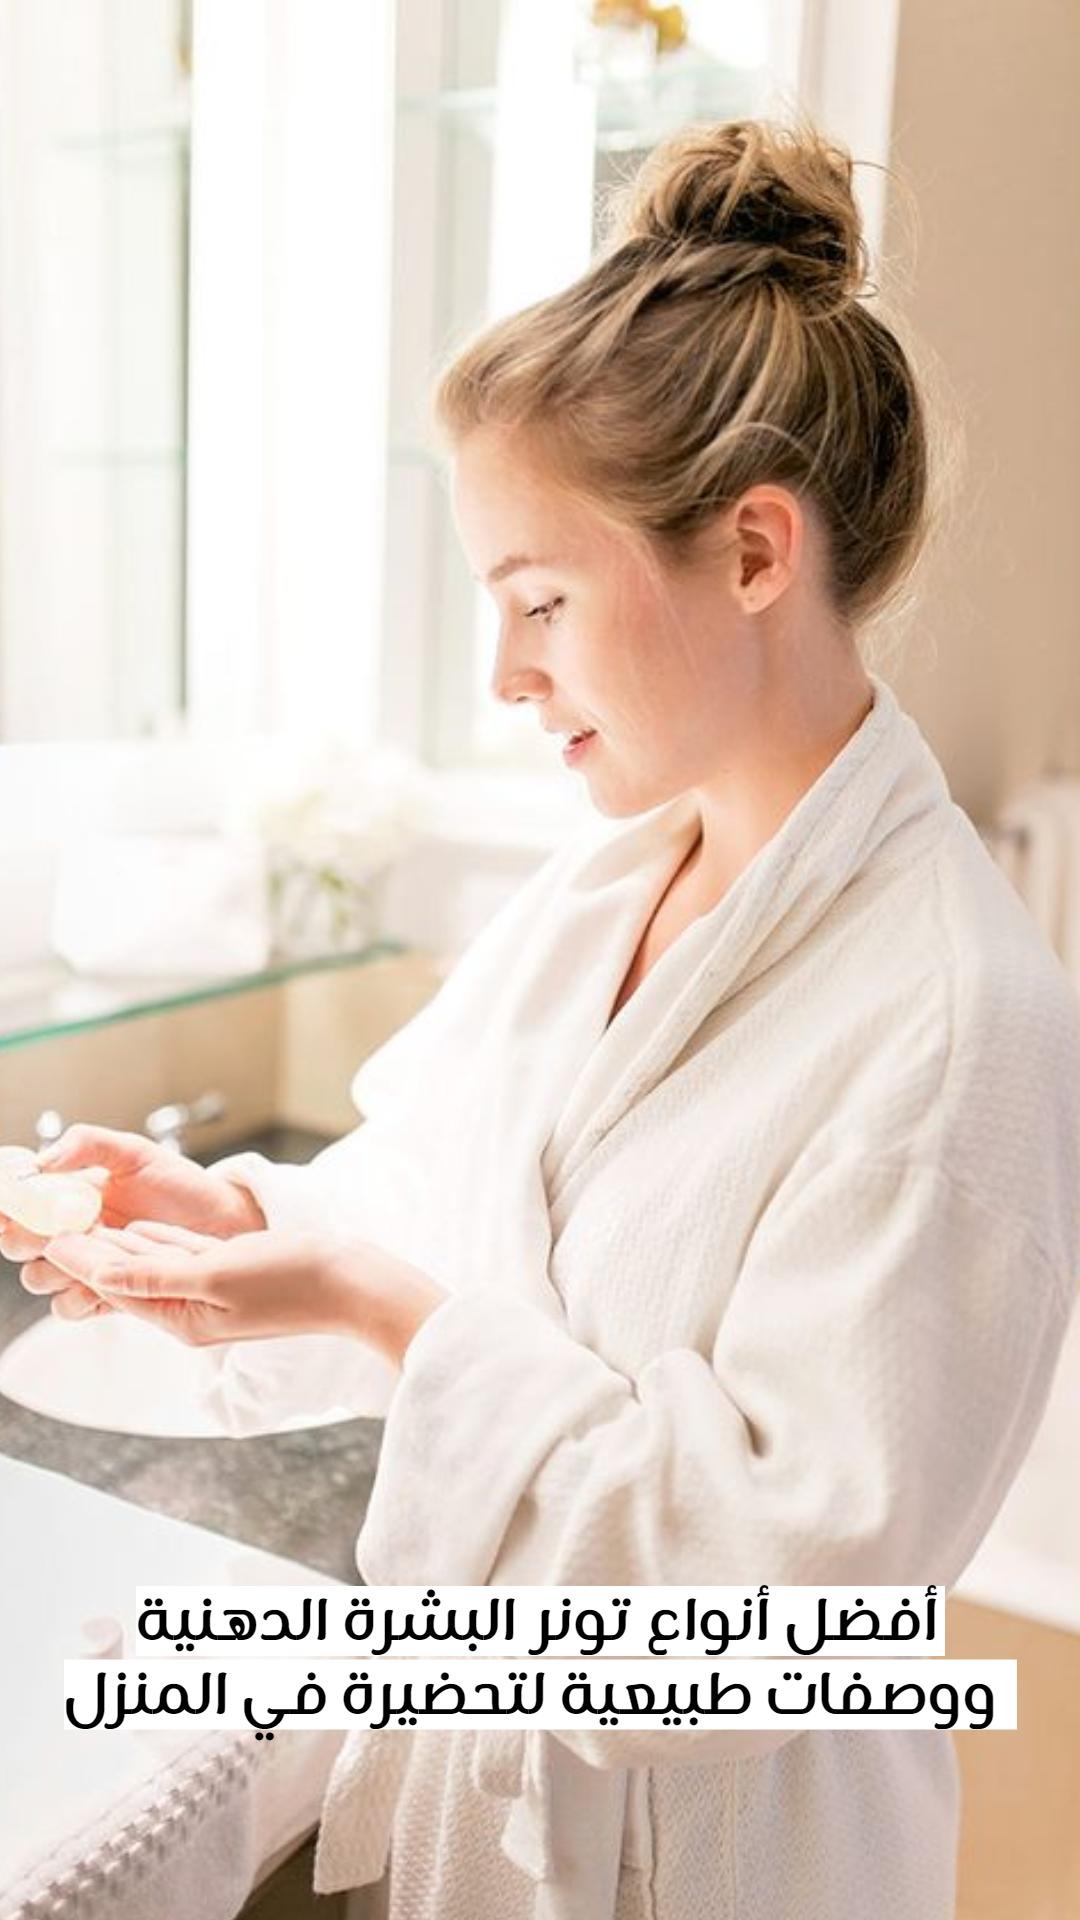 أفضل أنواع تونر البشرة الدهنية ووصفات طبيعية لتحضيرة في المنزل Skin Care Skin Beauty Hacks